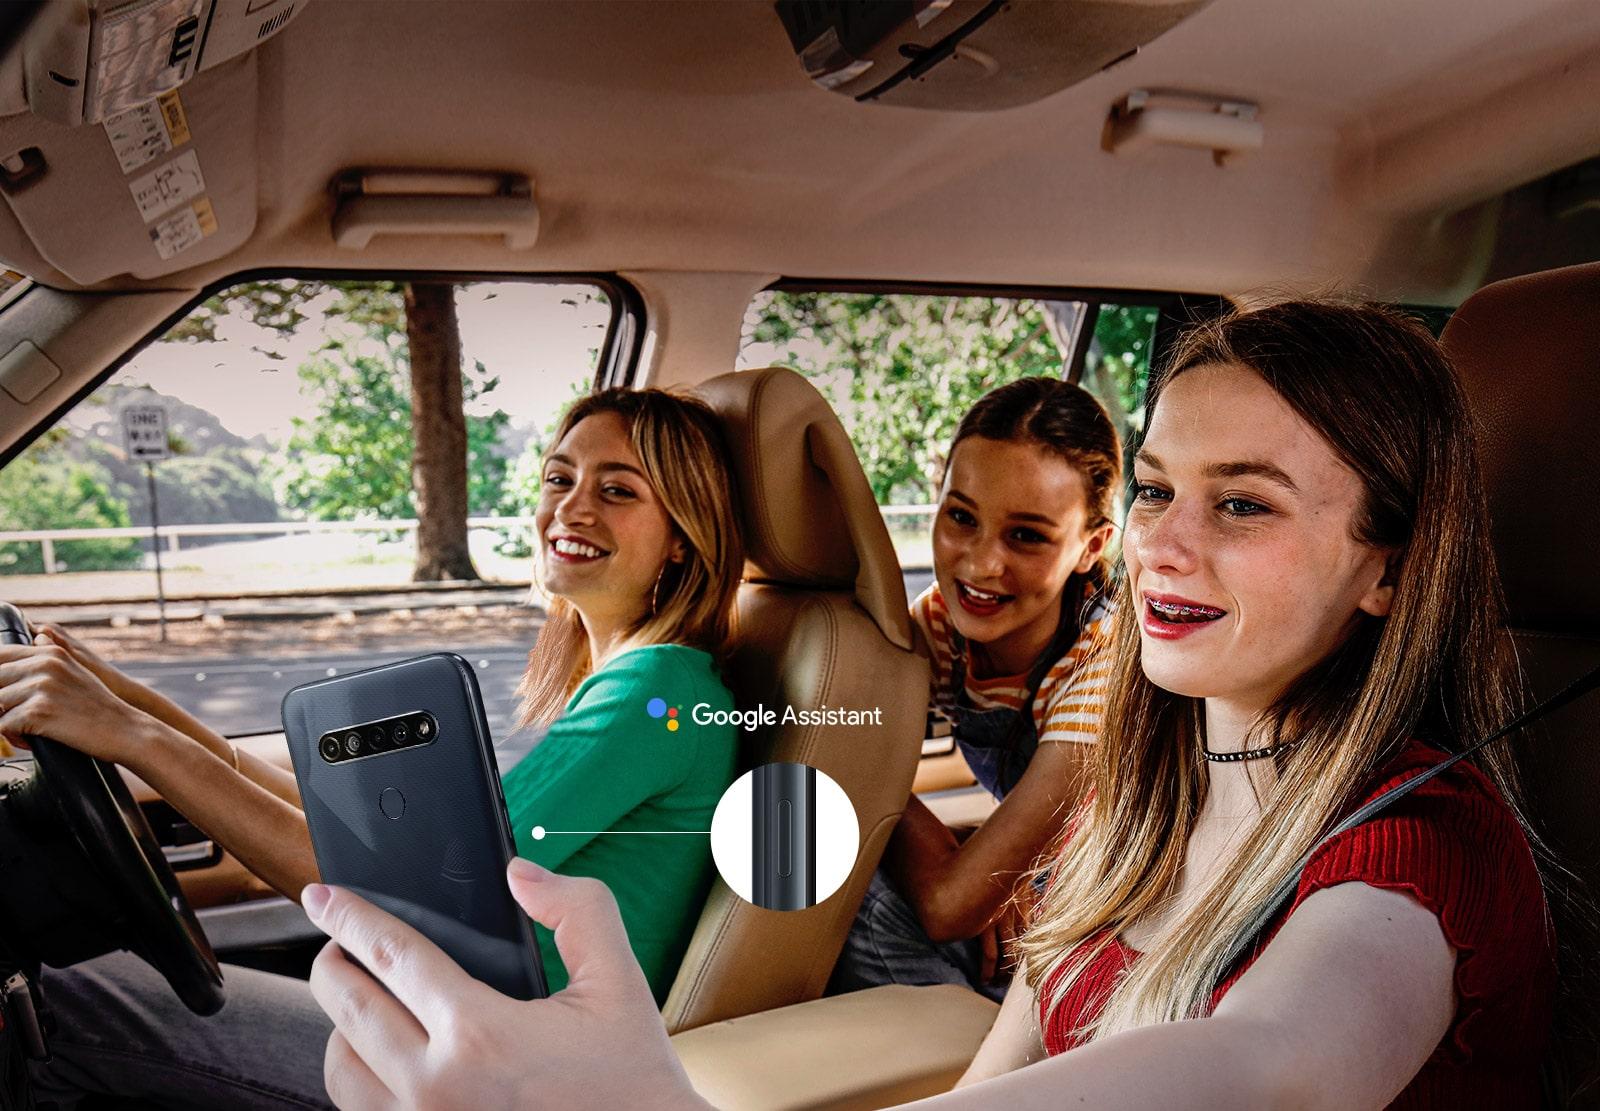 אשה מבצעת חיפוש בטלפון חכם במכונית בעזרת Google Assistant